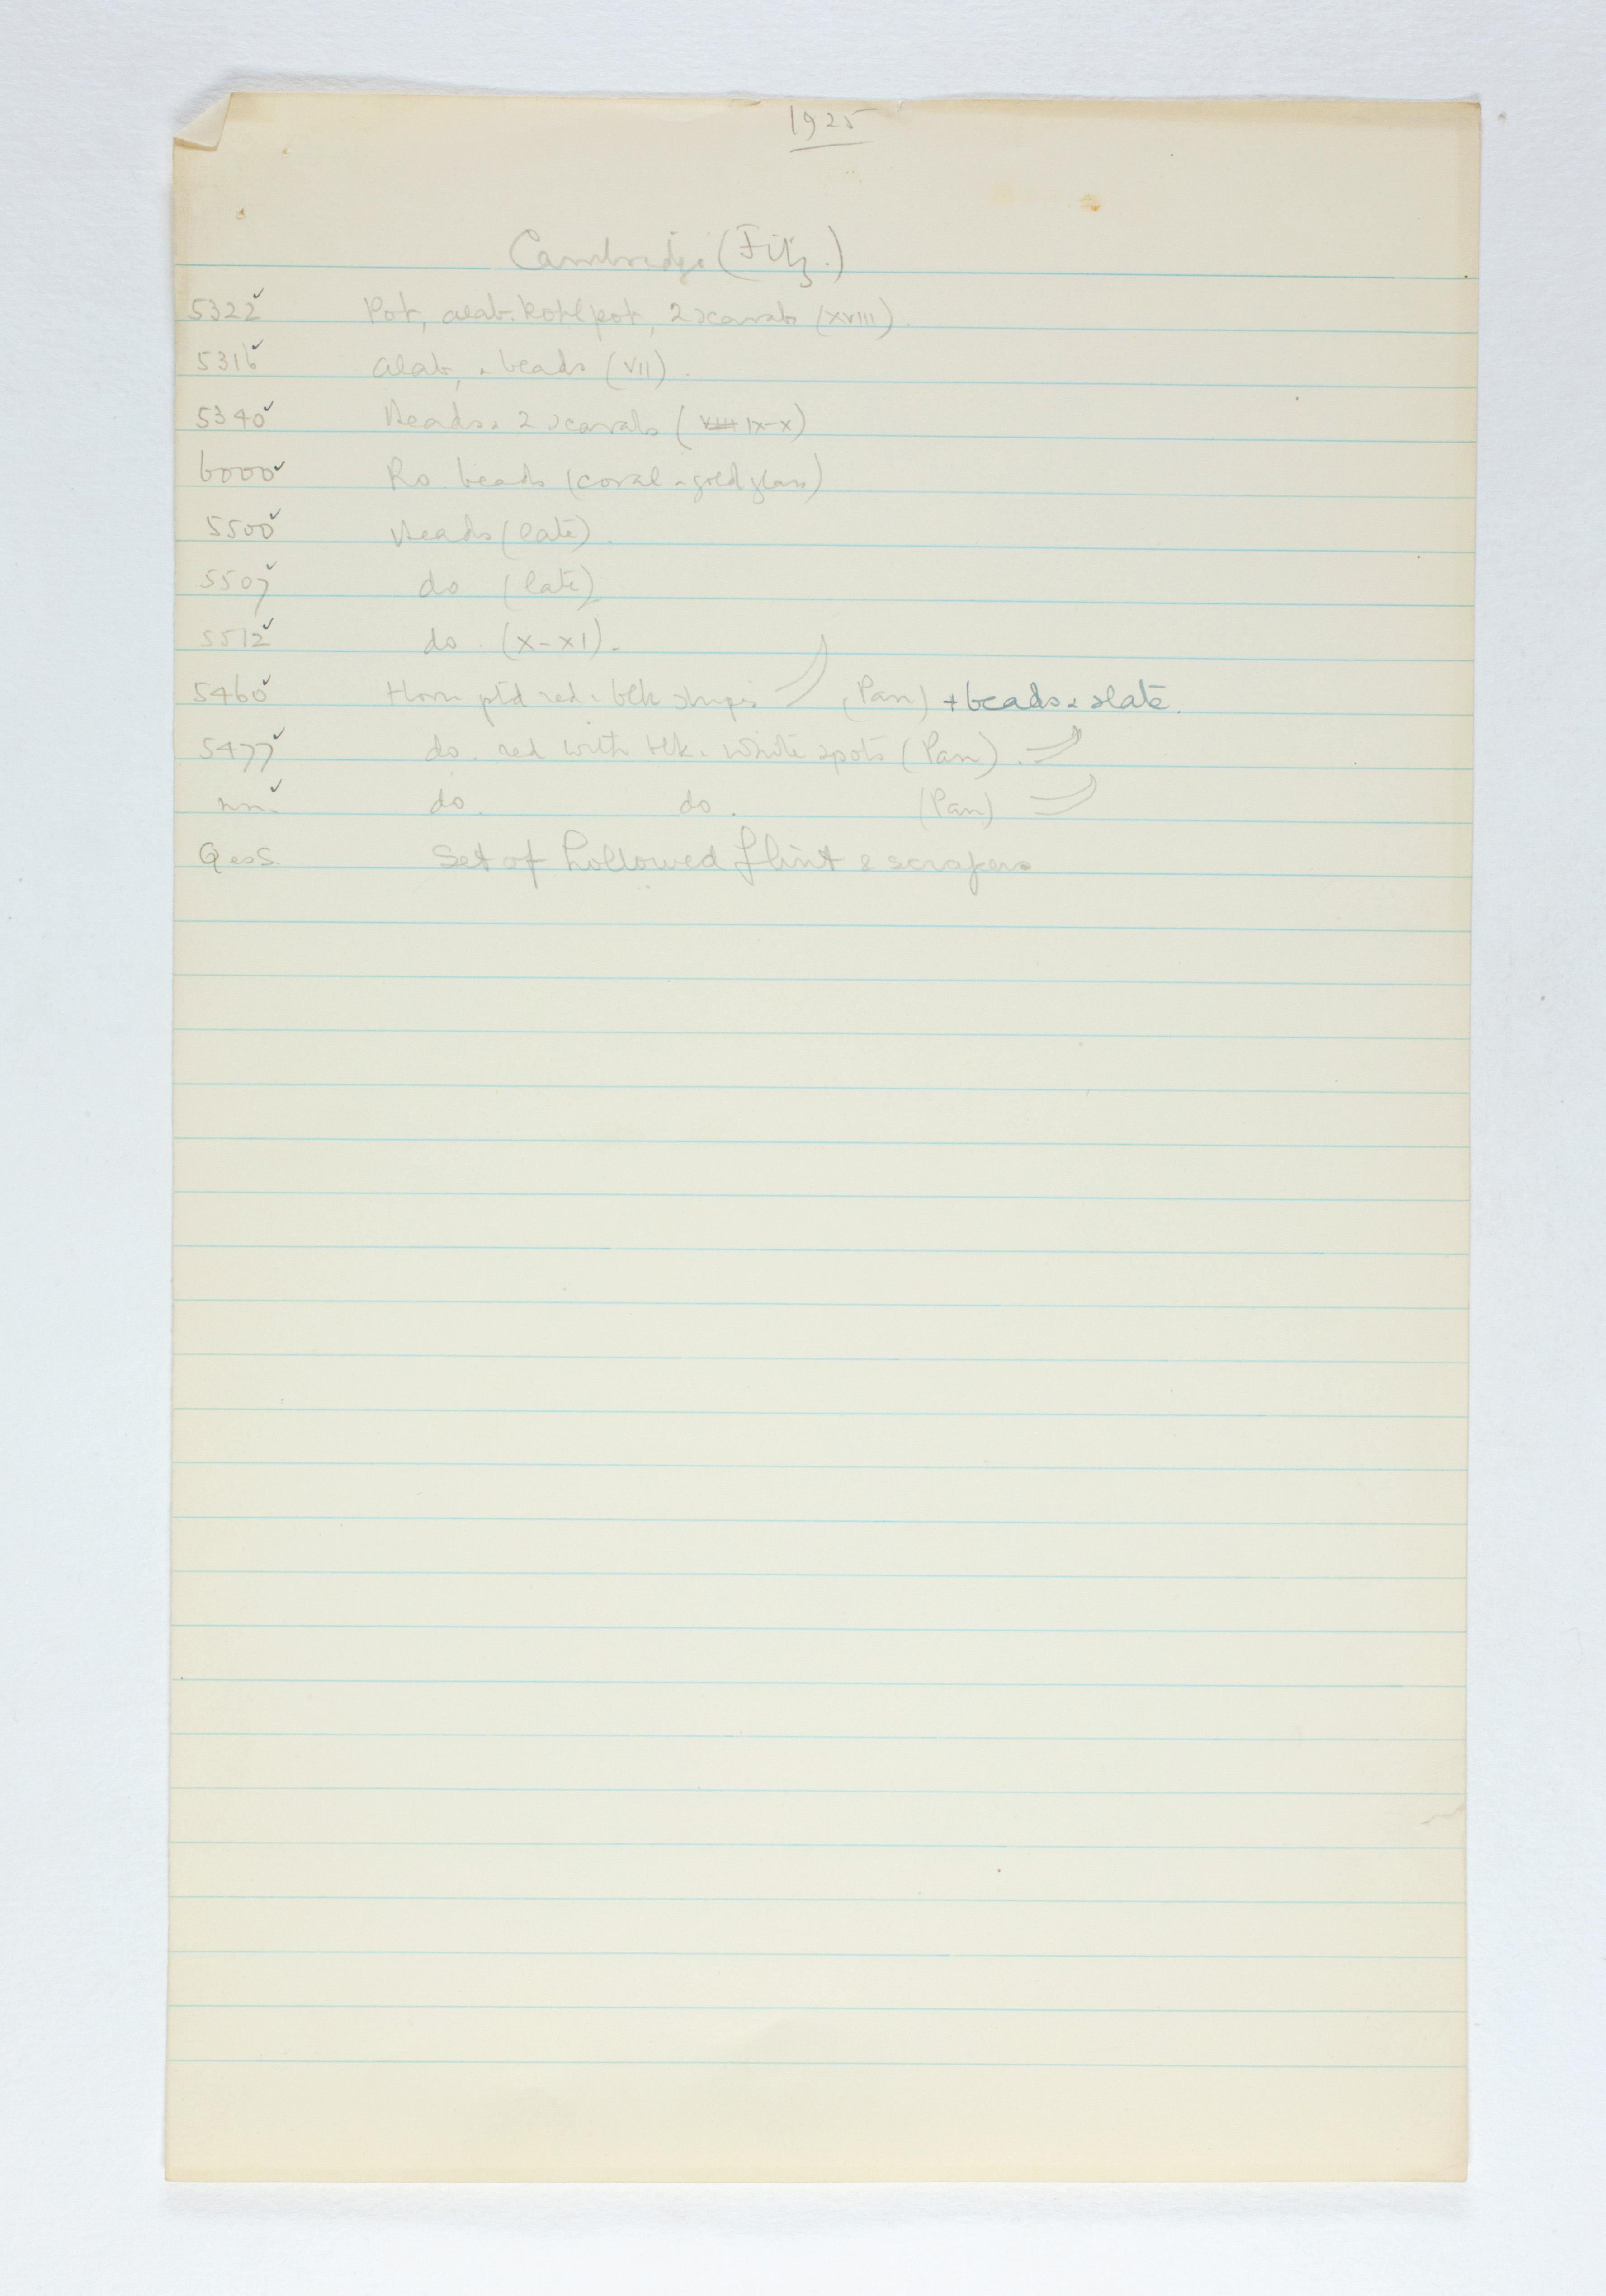 1924-25 Badari, Faiyum Individual institution list PMA/WFP1/D/28/5